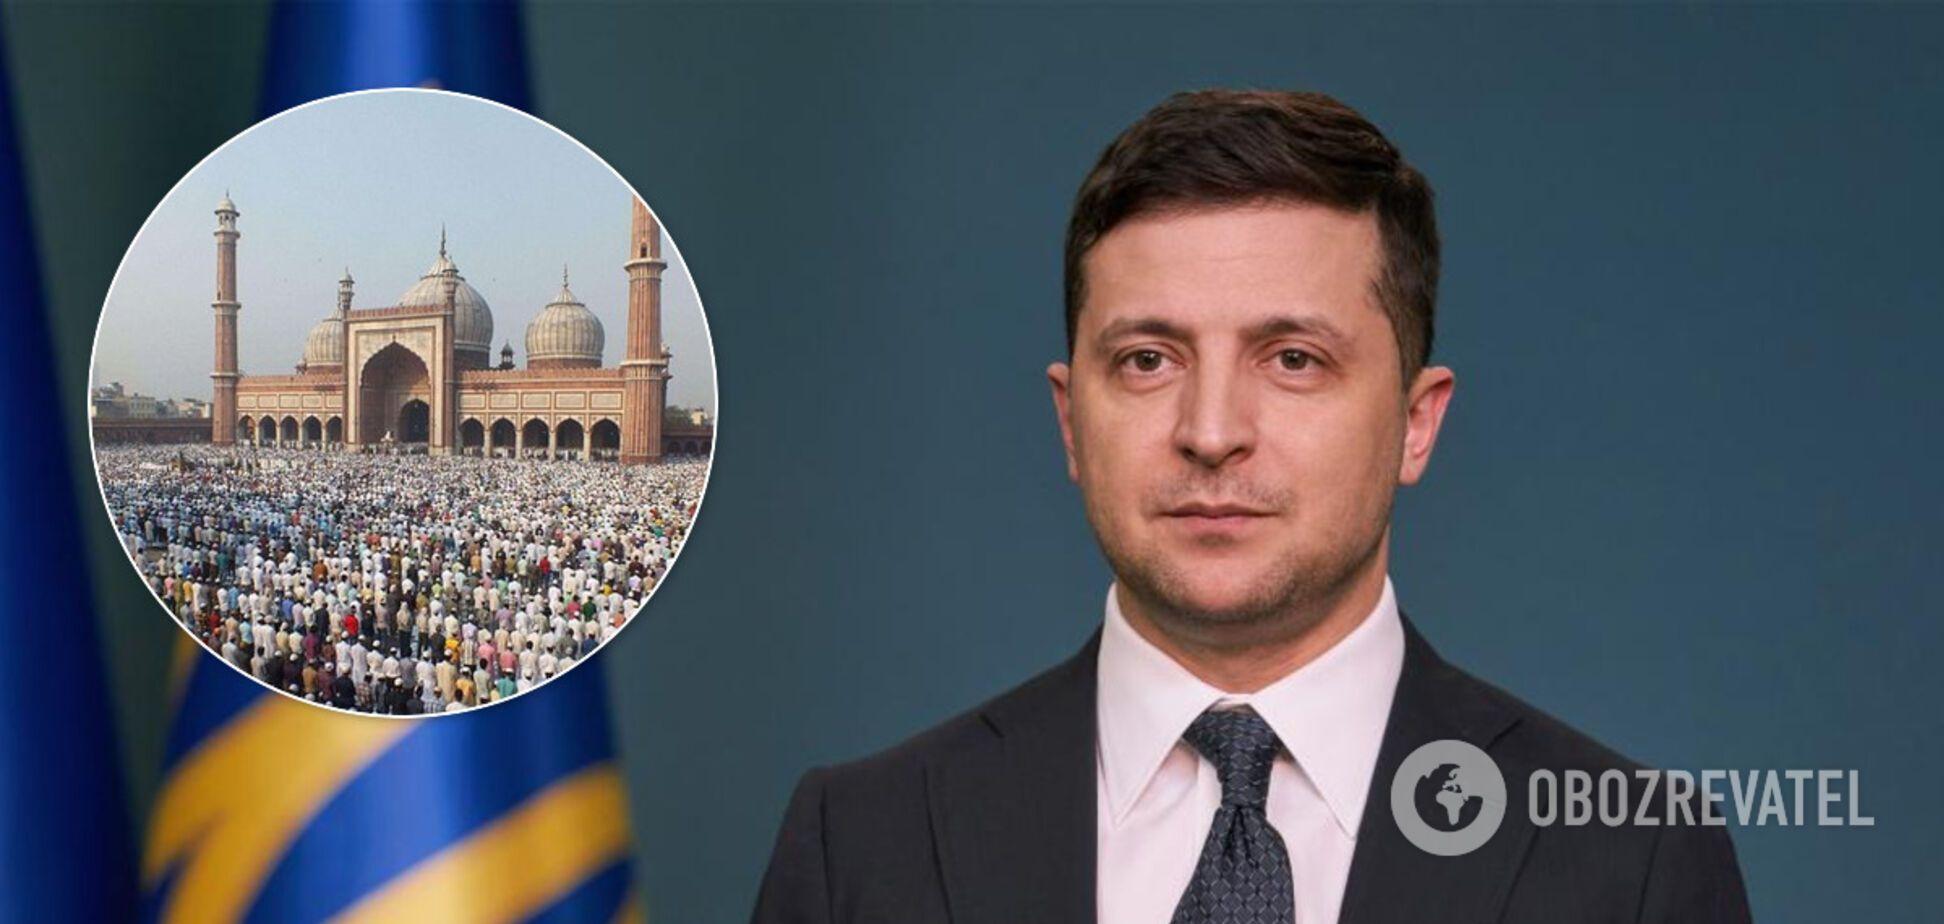 Зеленський привітав українських мусульман із Ураза-байрам: що несе в собі свято